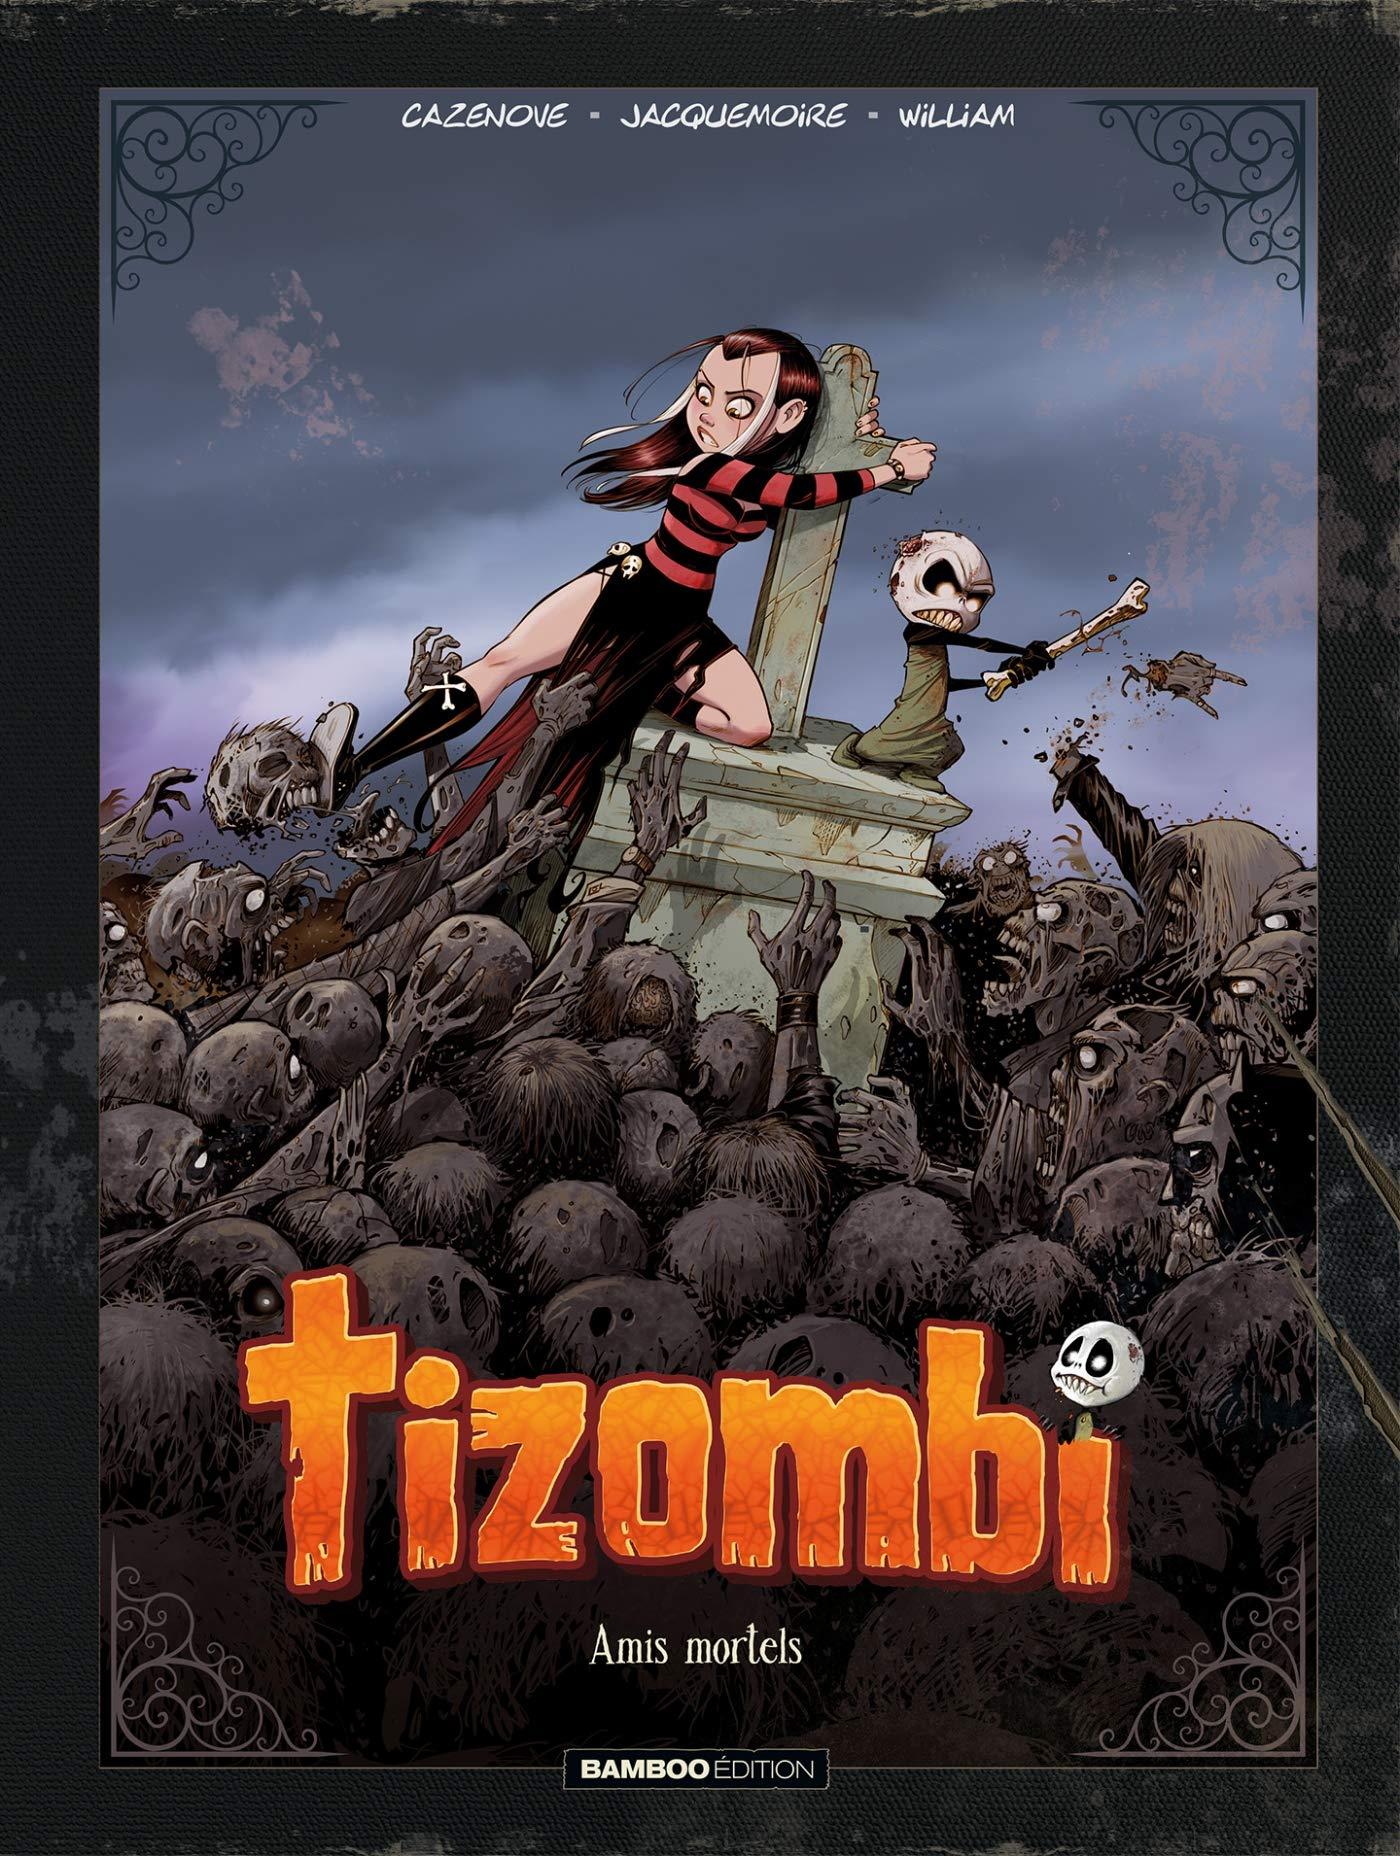 Tizombi 3 - Amis mortels